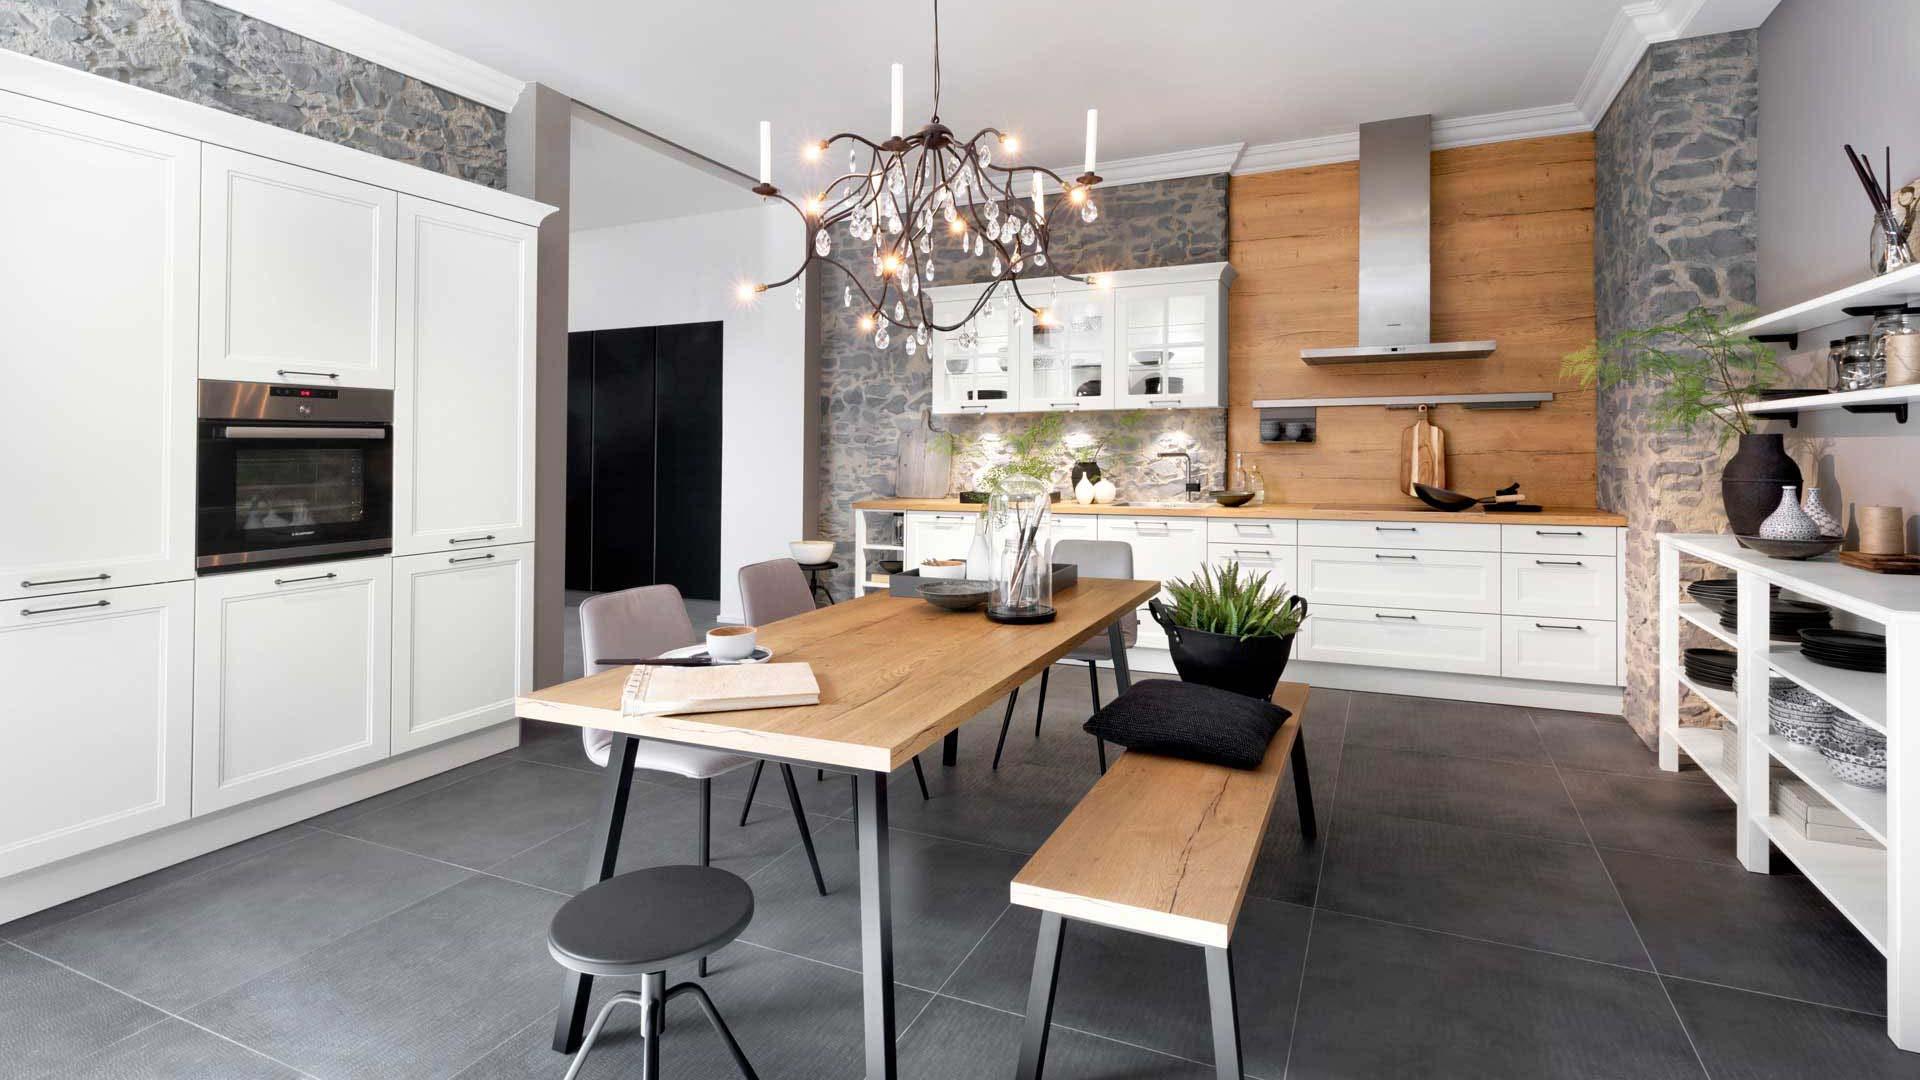 Küche im Landhaussstil mit Miele Backofen und Dampfgarer im Küchenstudio Ebner & Spuller in Graz